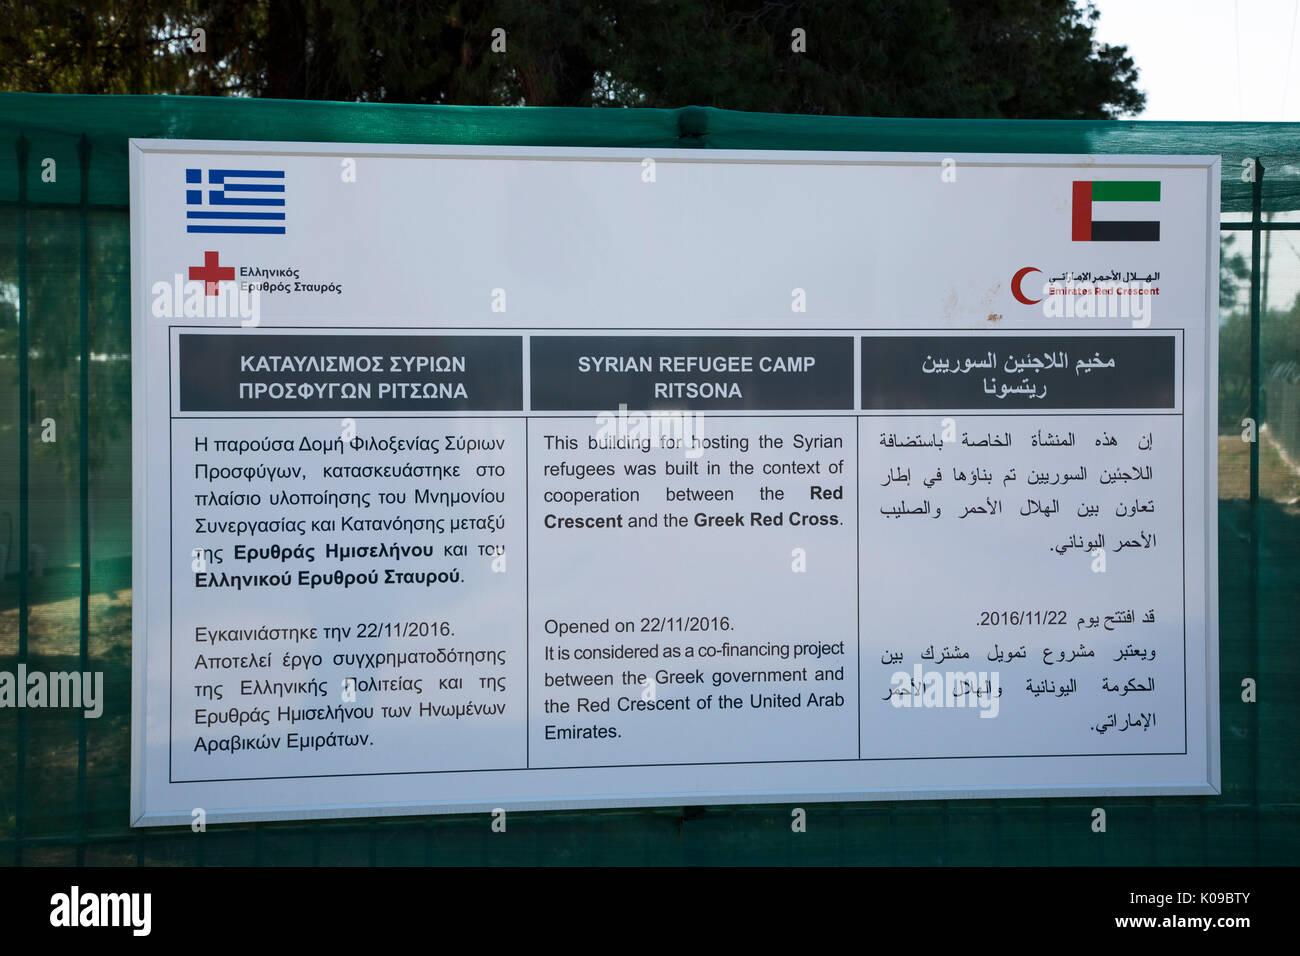 Un cartel en la entrada al campamento de refugiados Ritsona en griego, inglés y árabe, relata la cooperación griego de la Cruz Roja y de la Media Luna Roja de los Emiratos. Imagen De Stock